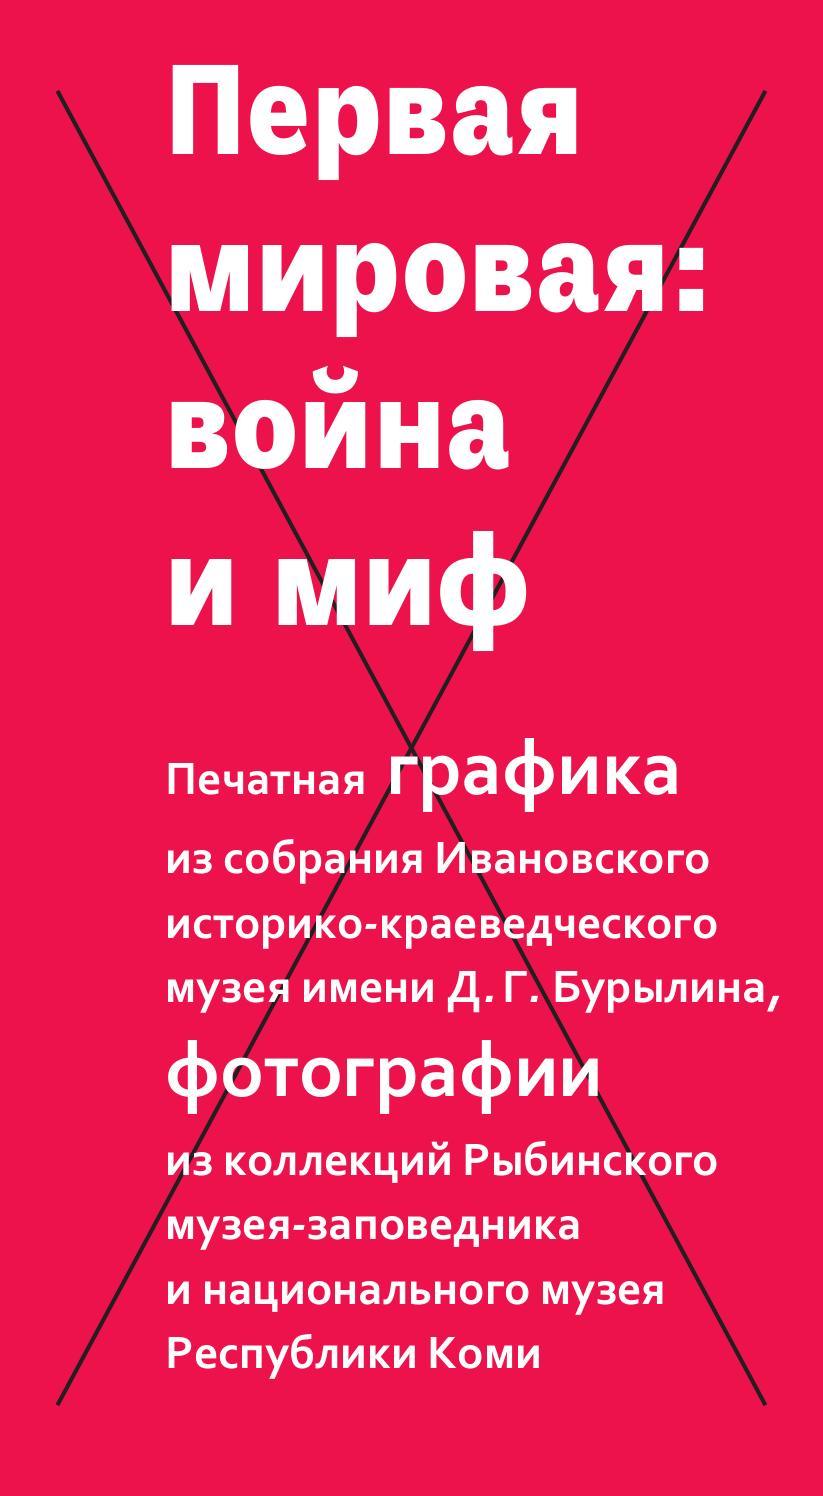 журнал приготовь pf 2010